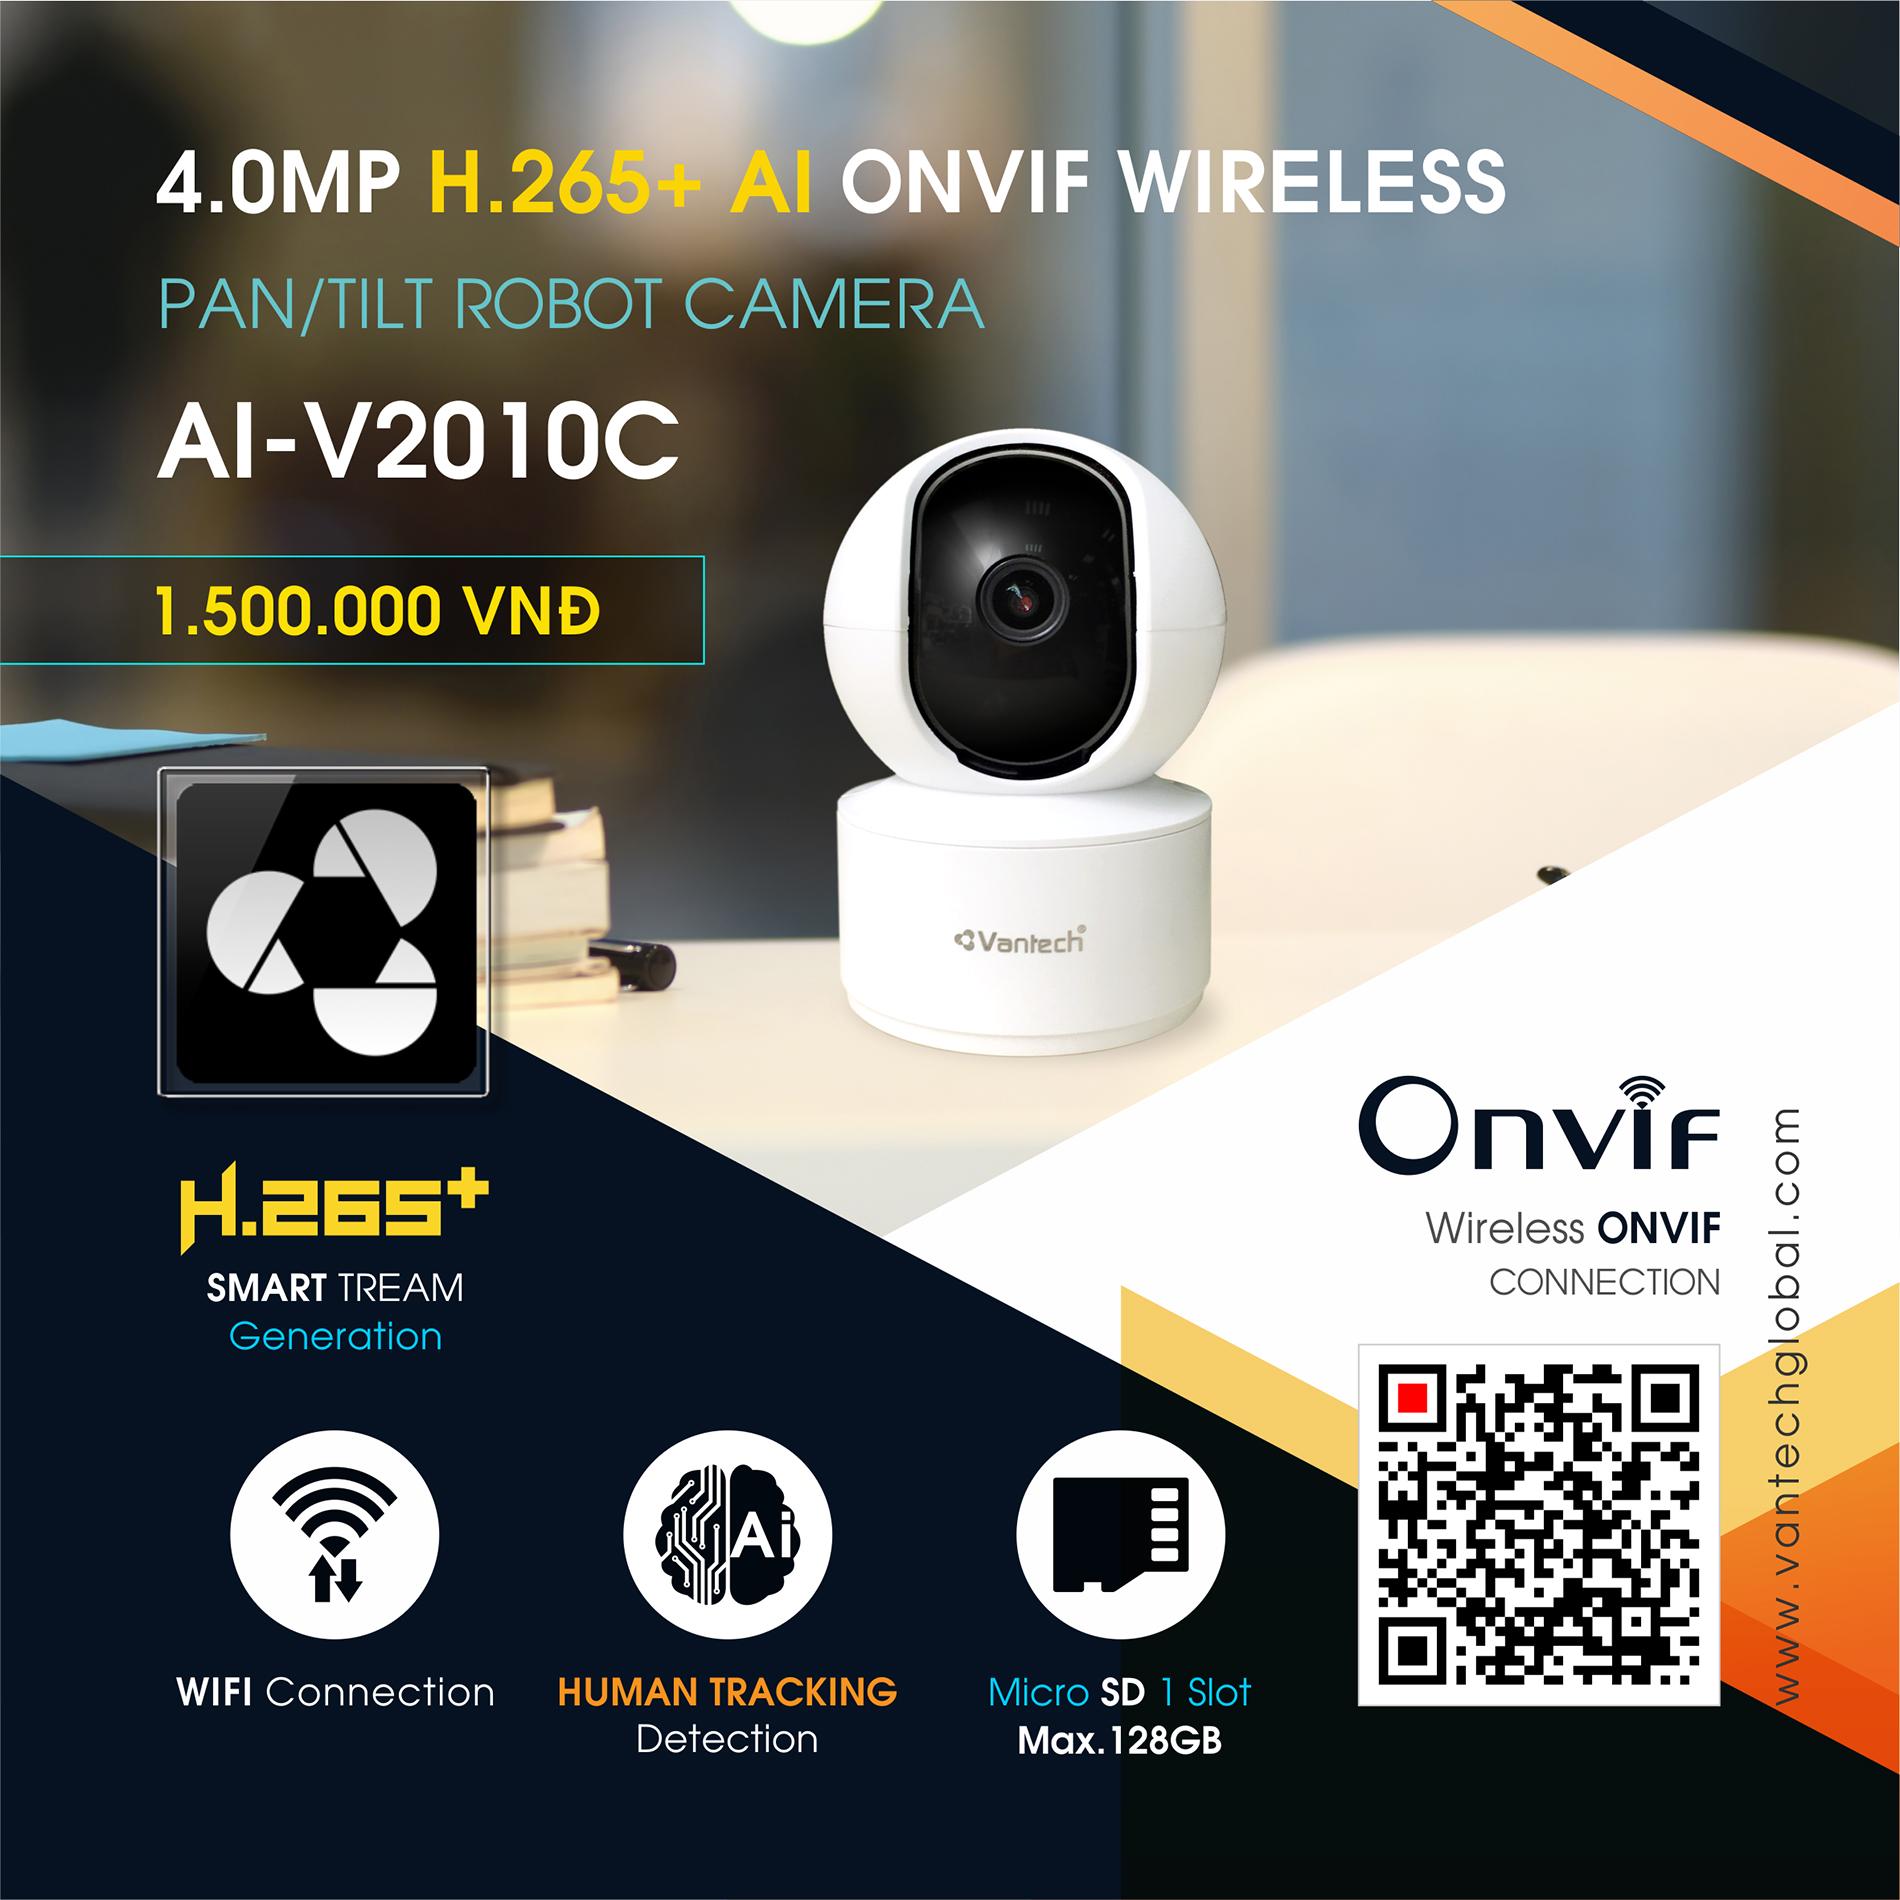 Vantech Camera Onvif Robot 4.0MP AI-V2010C